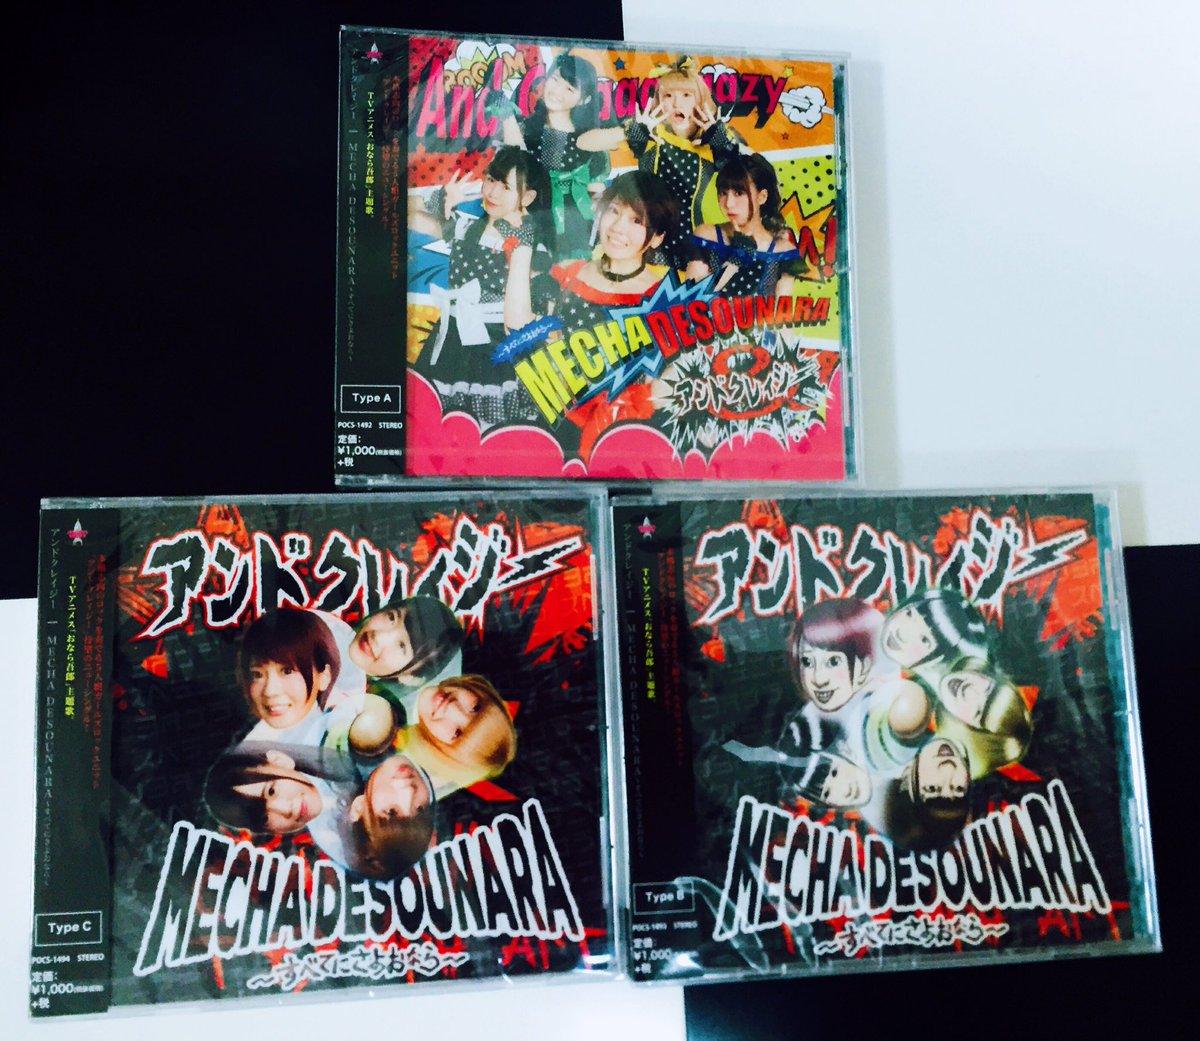 【CD Release💿✨】アンドクレイジーNEWシングル「MECHADESOUNARA~すべてにさよおなら~」アニメ